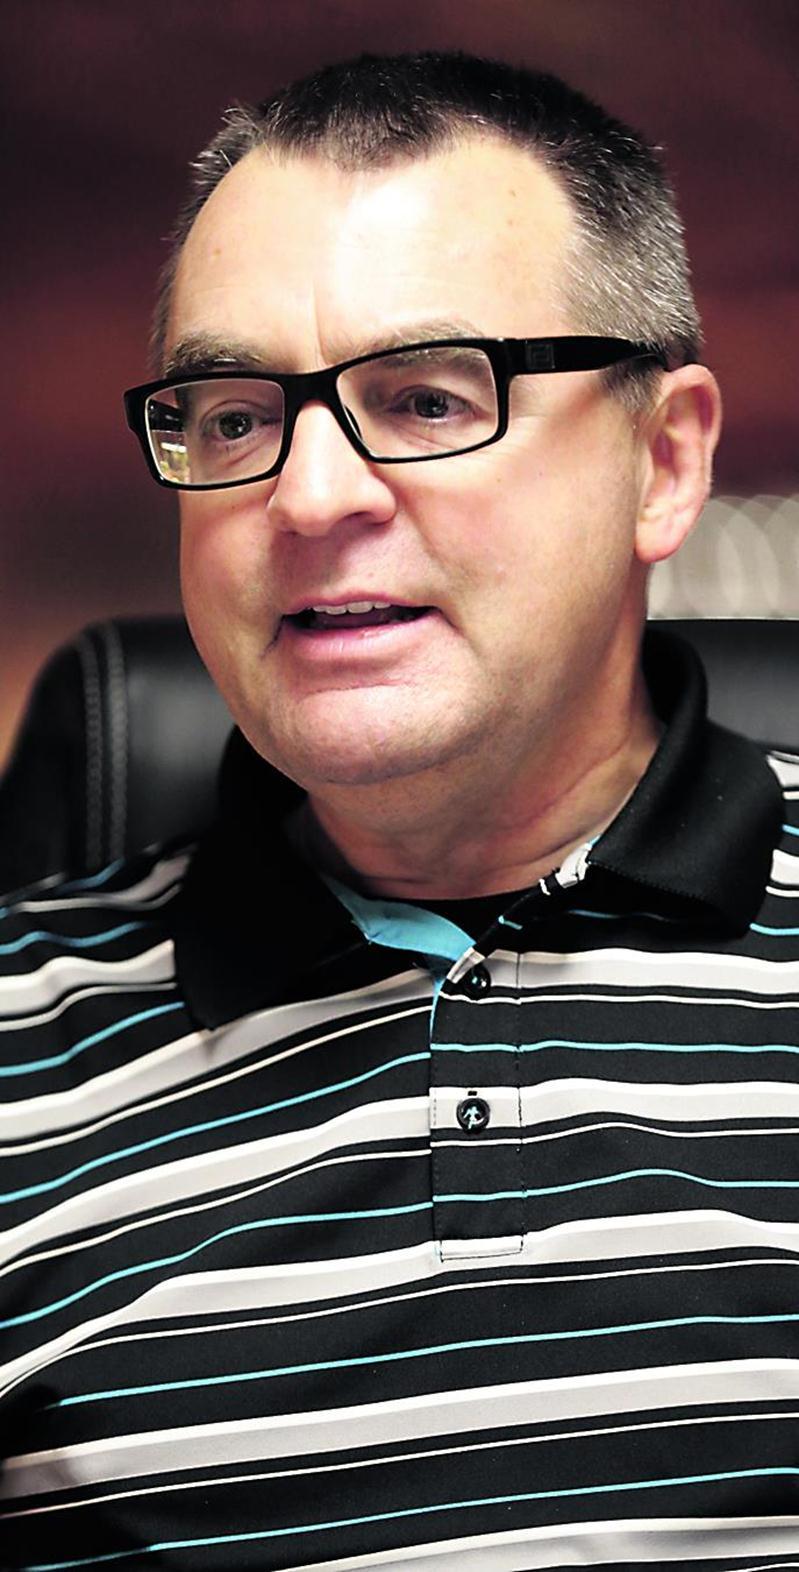 Guy Jodoin est propriétaire de deux épiceries IGA situées dans les quartiers Douville et La Providence à Saint-Hyacinthe. Photo Robert Gosselin   Le Courrier ©